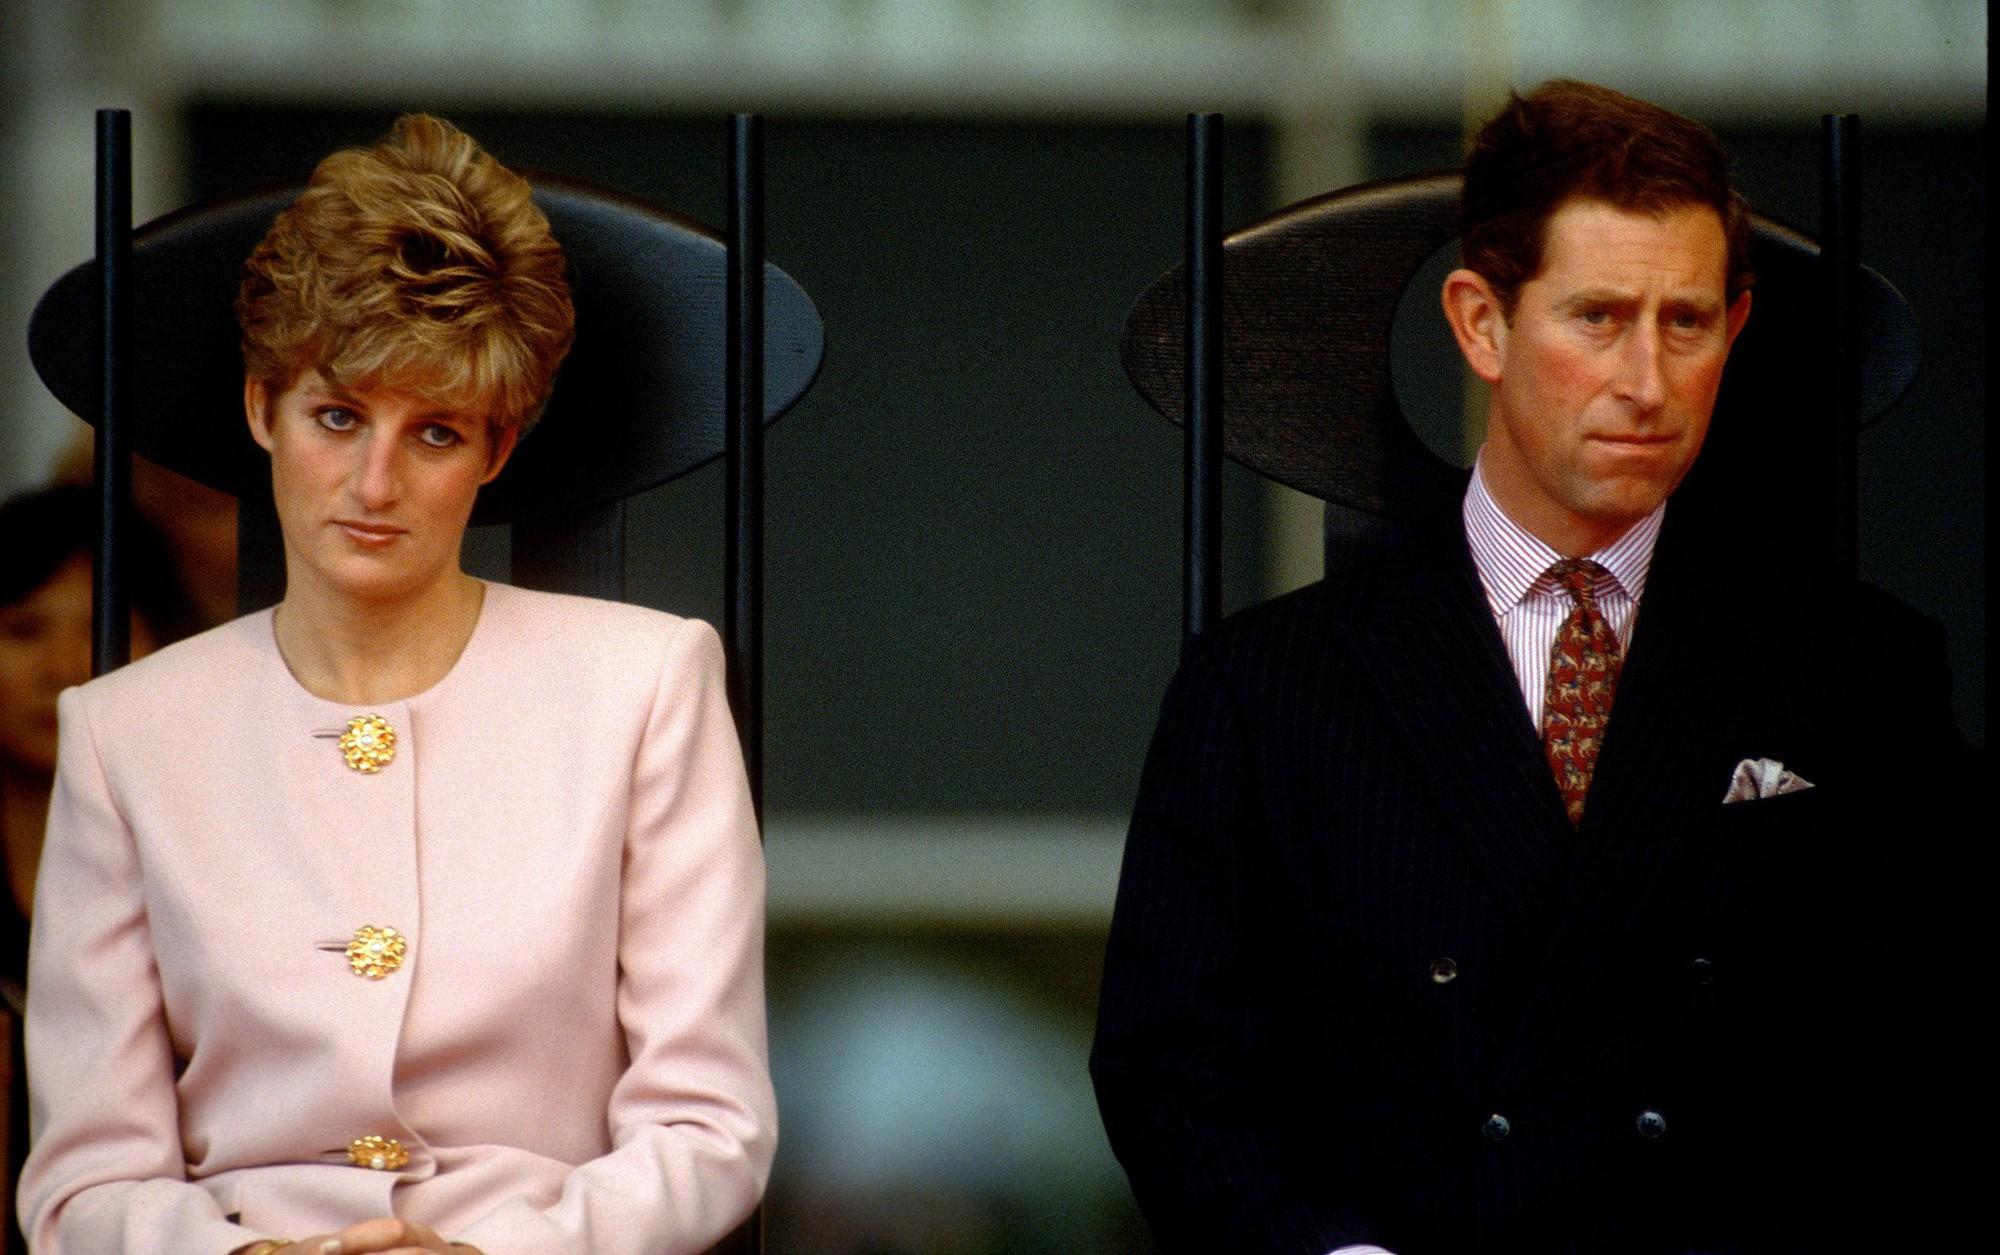 5 lần tự sát không thành của Công nương Diana, ngay cả khi đang mang thai và thái độ dửng dưng của Thái tử Charles - Ảnh 3.